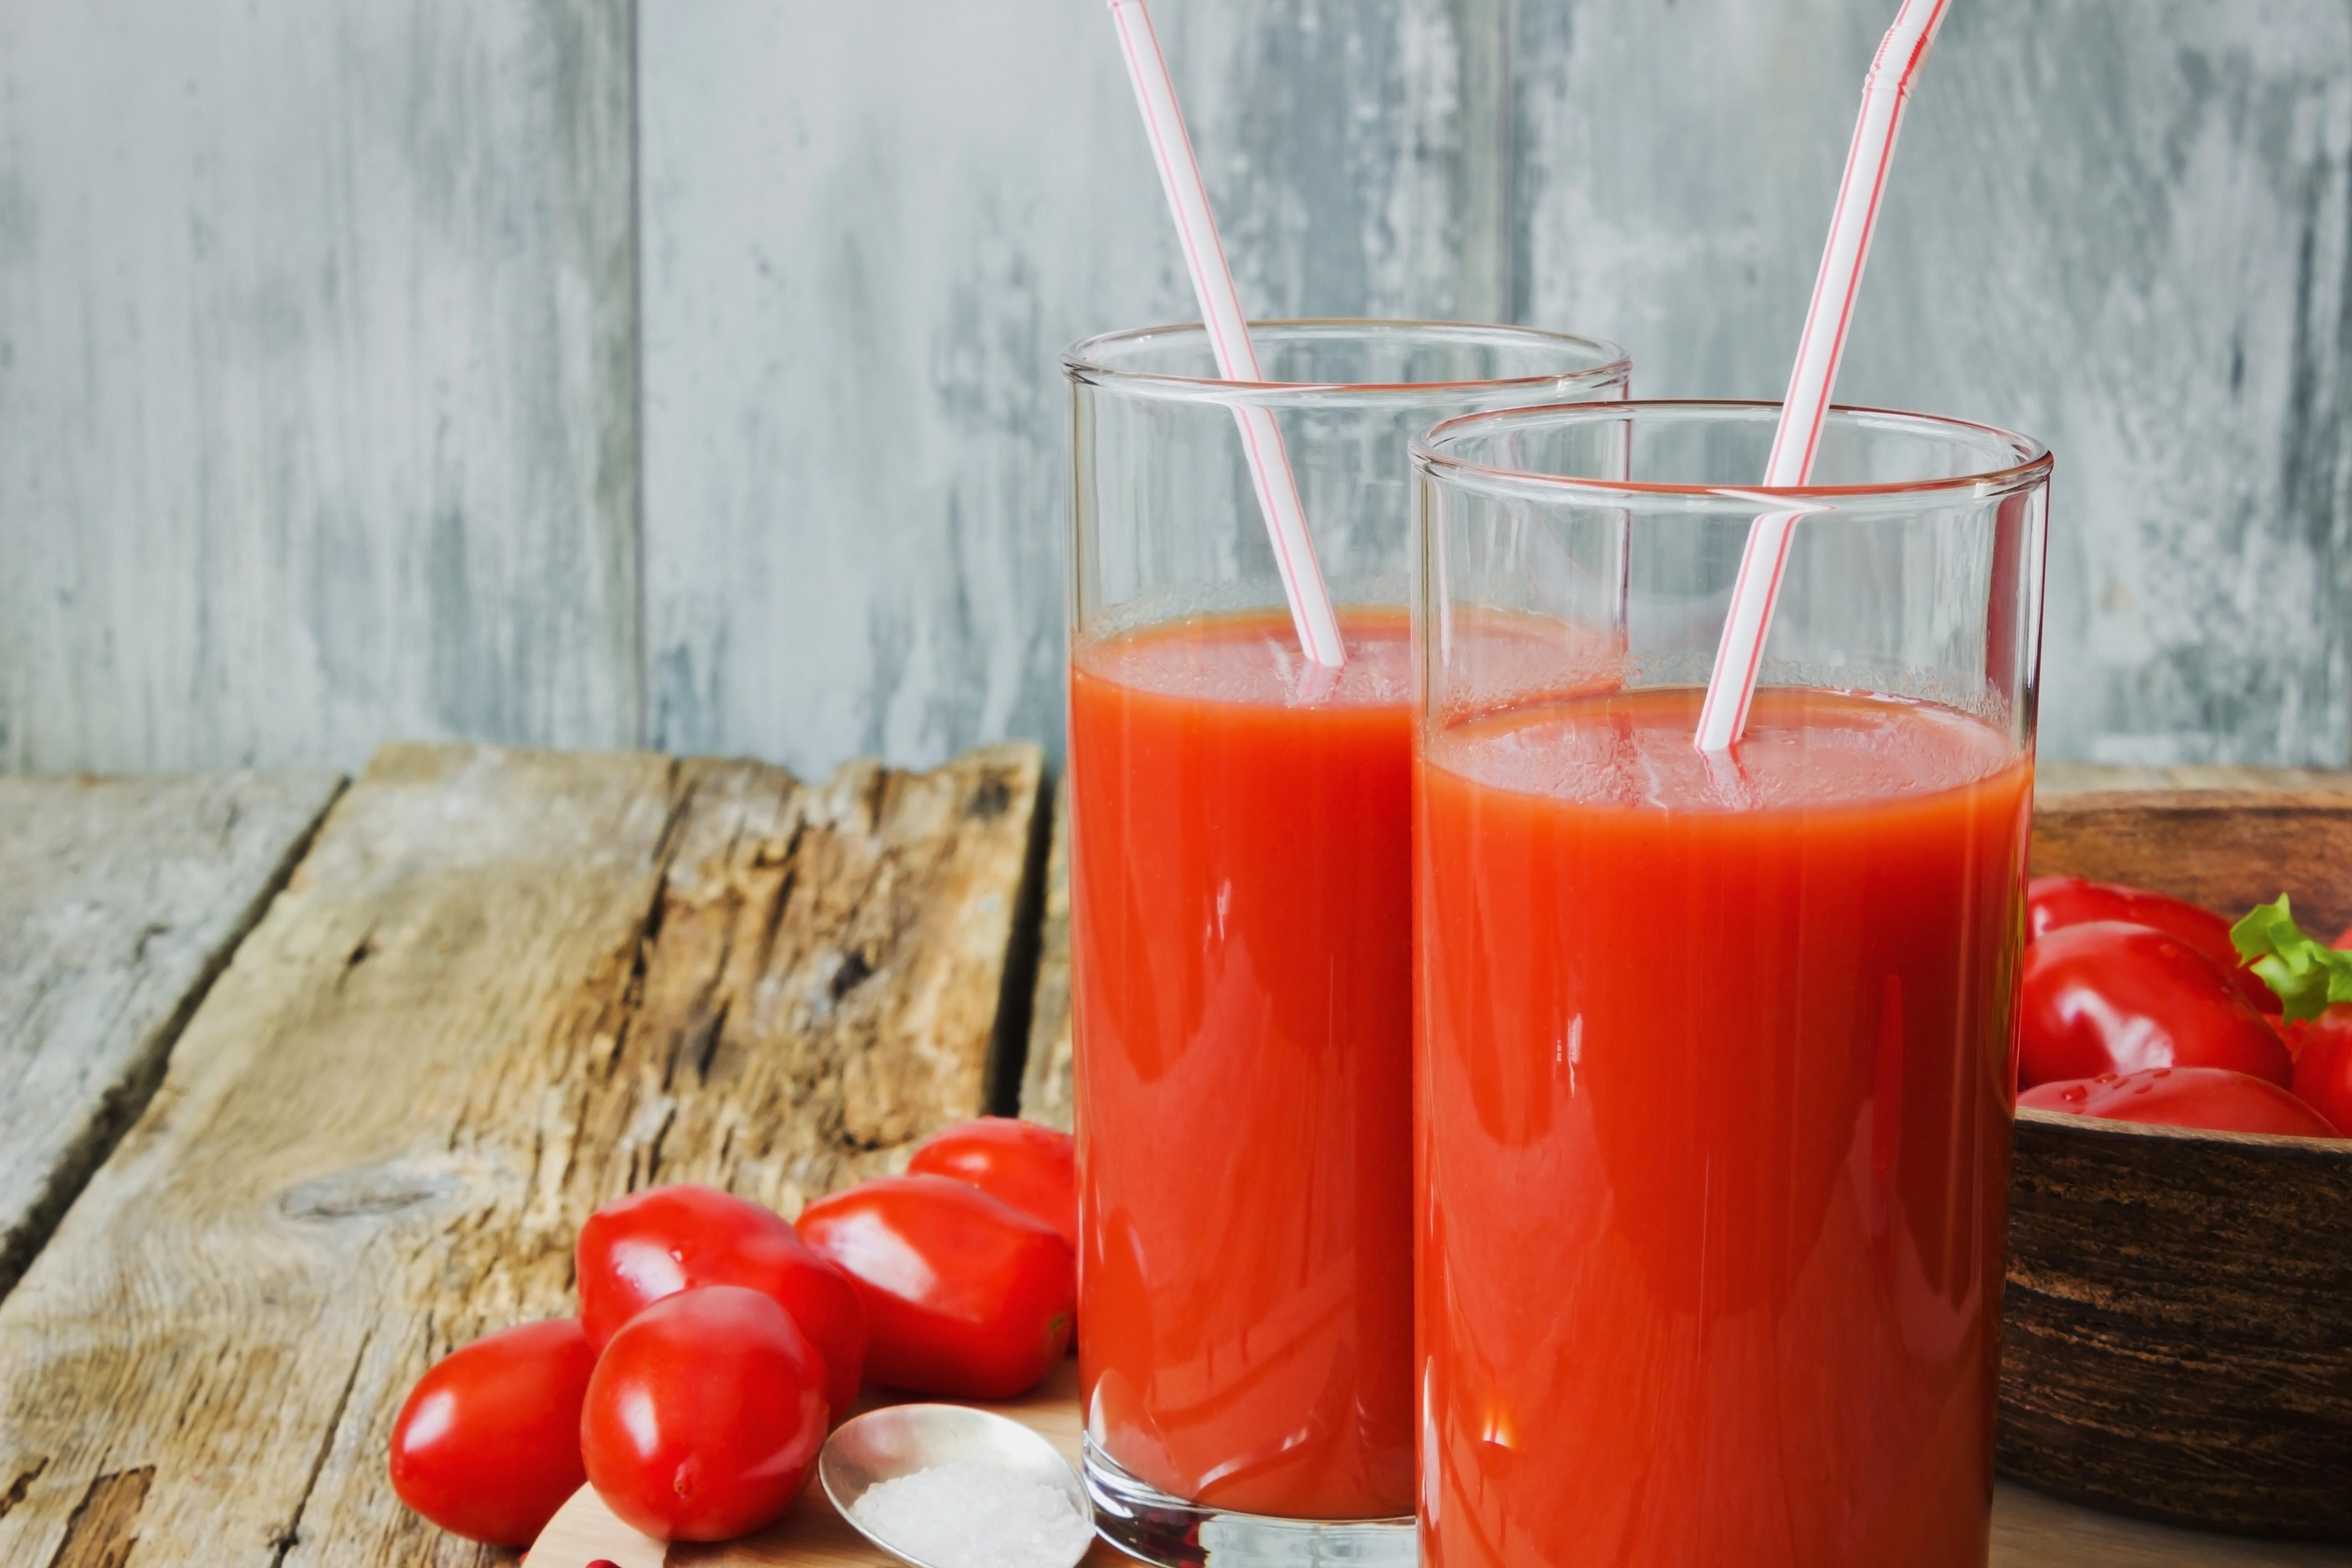 еда помидоры сок томатный ложка  № 2891521 бесплатно